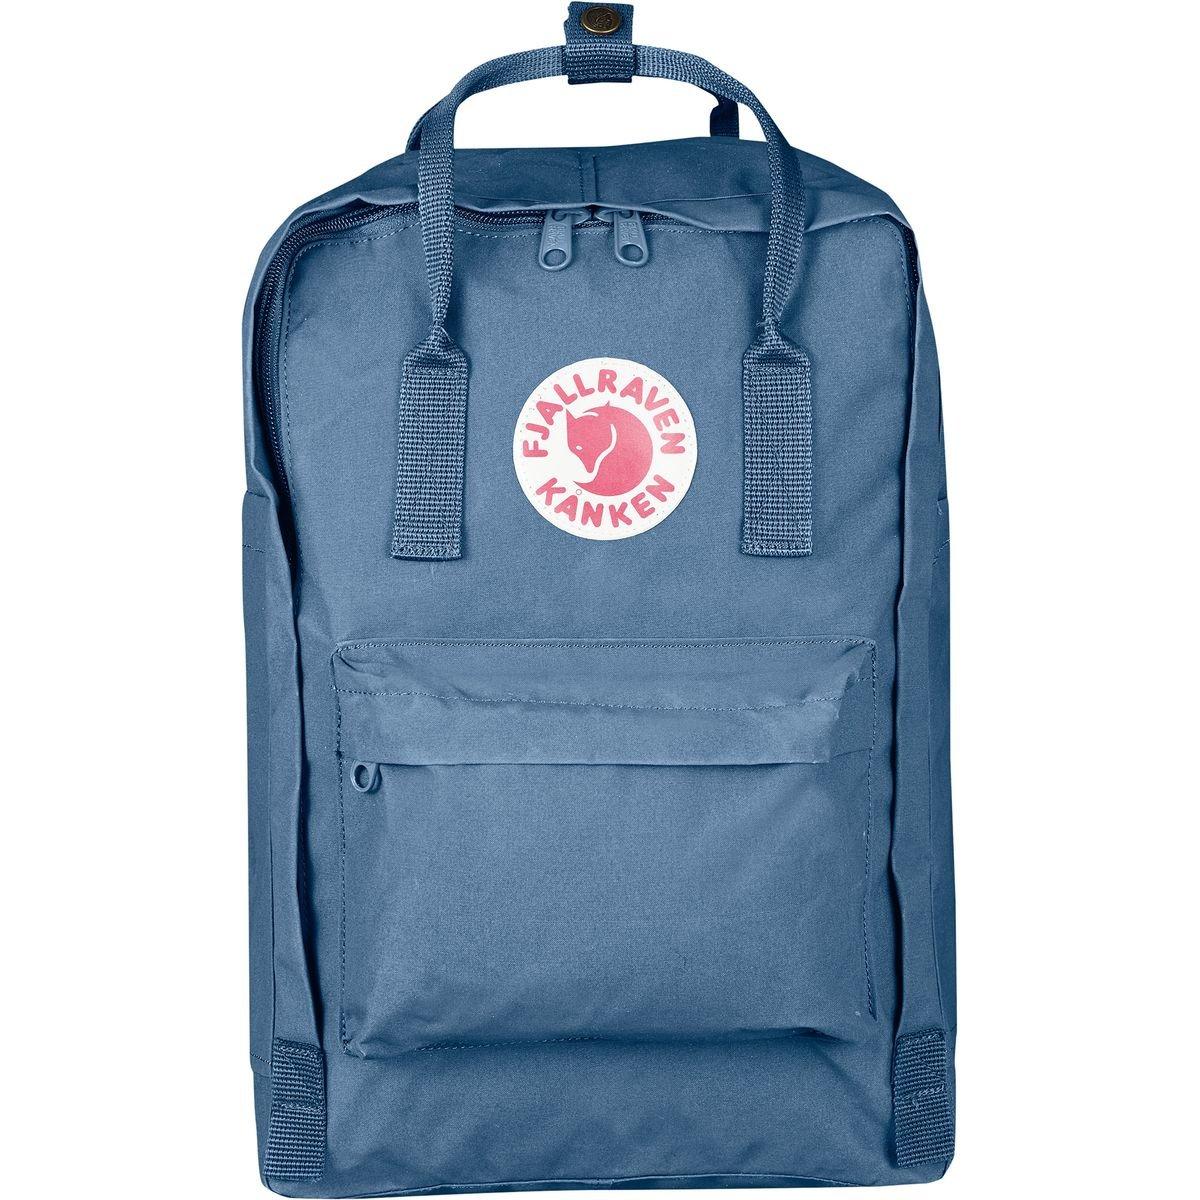 [フェールラーベン] メンズ バックパックリュックサック Kanken 15in Laptop Backpack [並行輸入品] B07CXN5CHT  No-Size